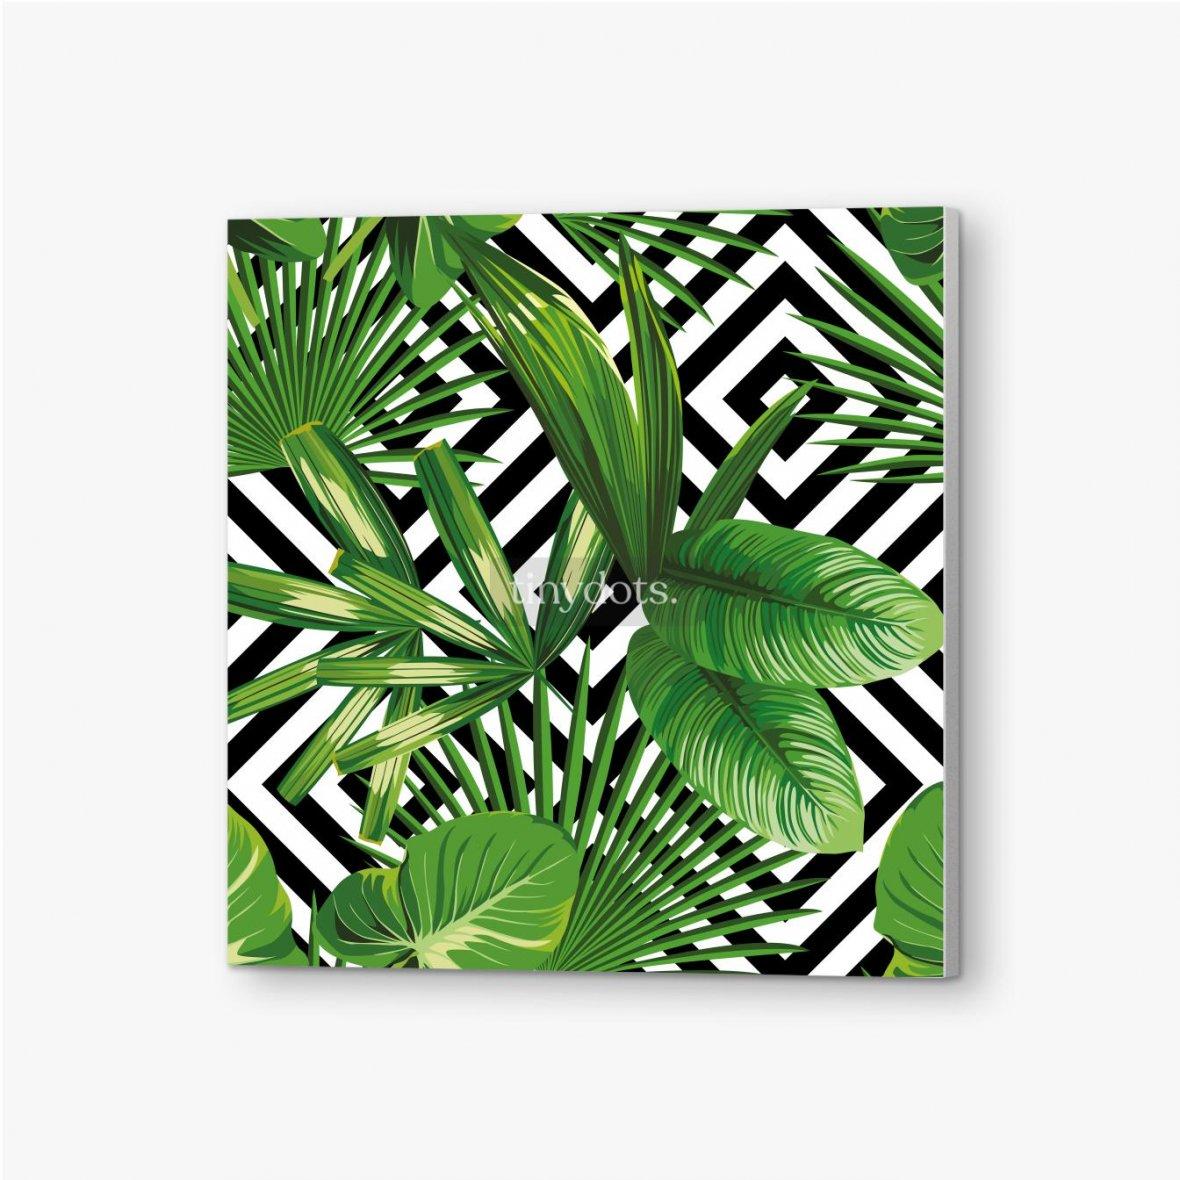 Bilder auf PVC Exotisches Muster mit Blättern auf einem geometrischen Hintergrund